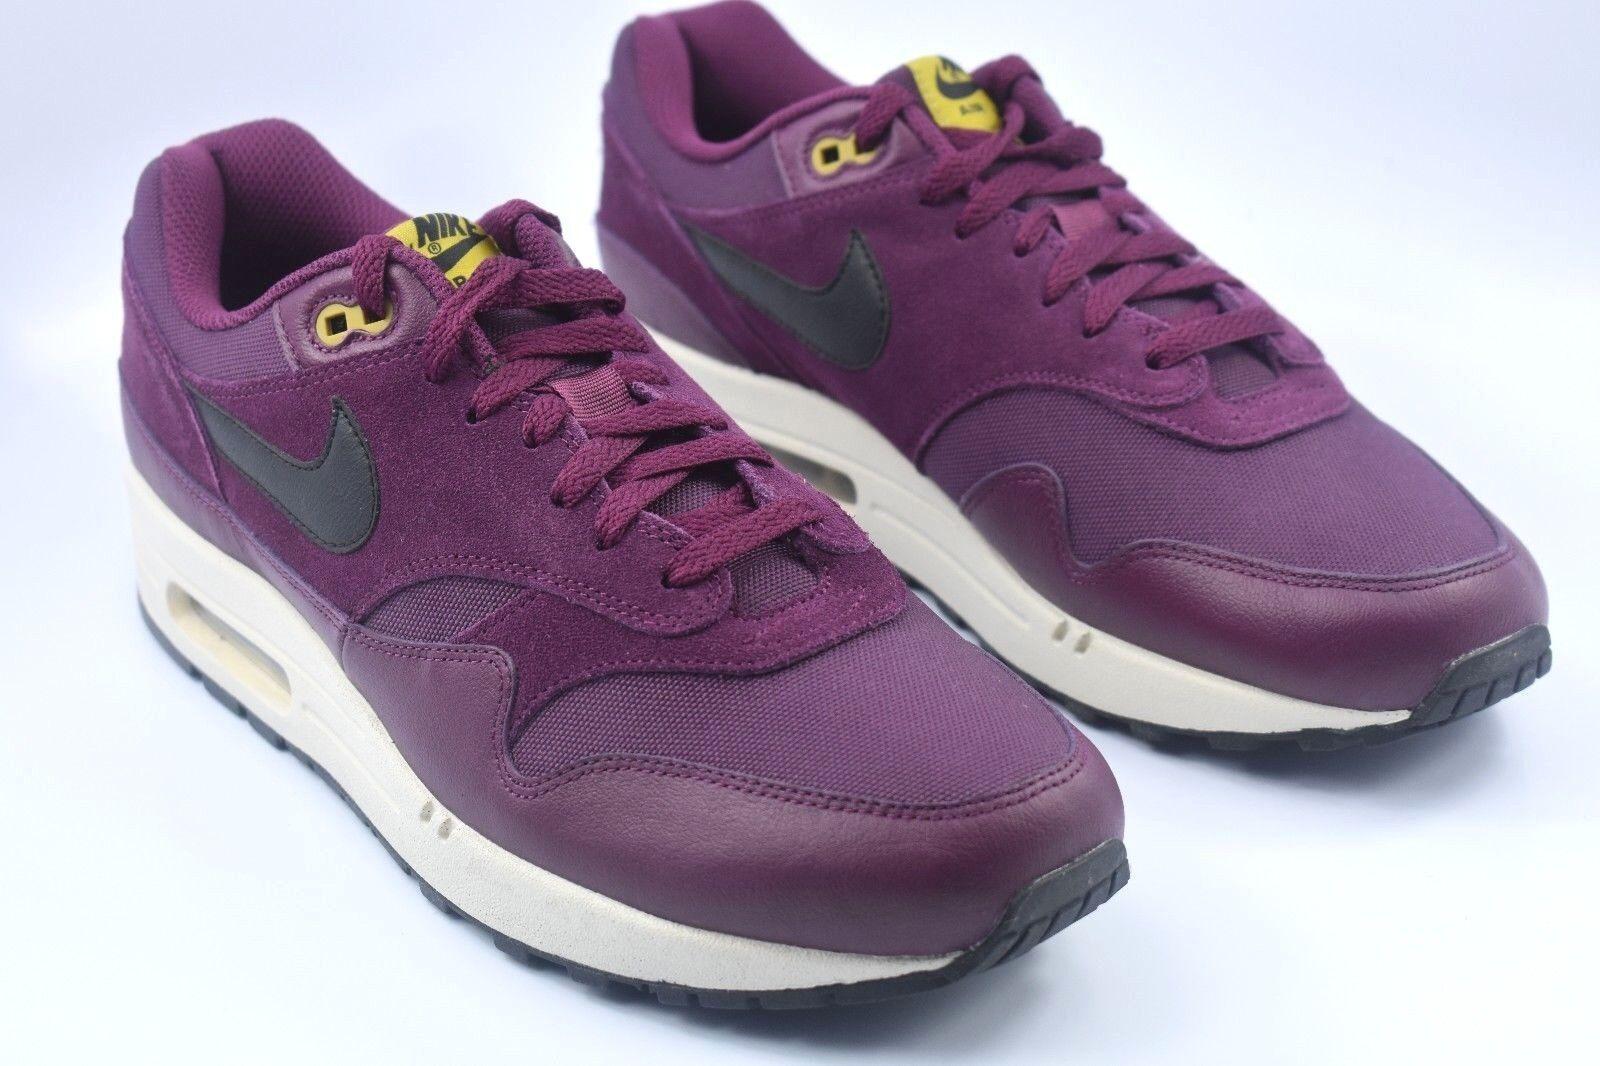 Nike air max 1 premio Uomo misura di scarpe di bordeaux, bordeaux il dolce 875844 601